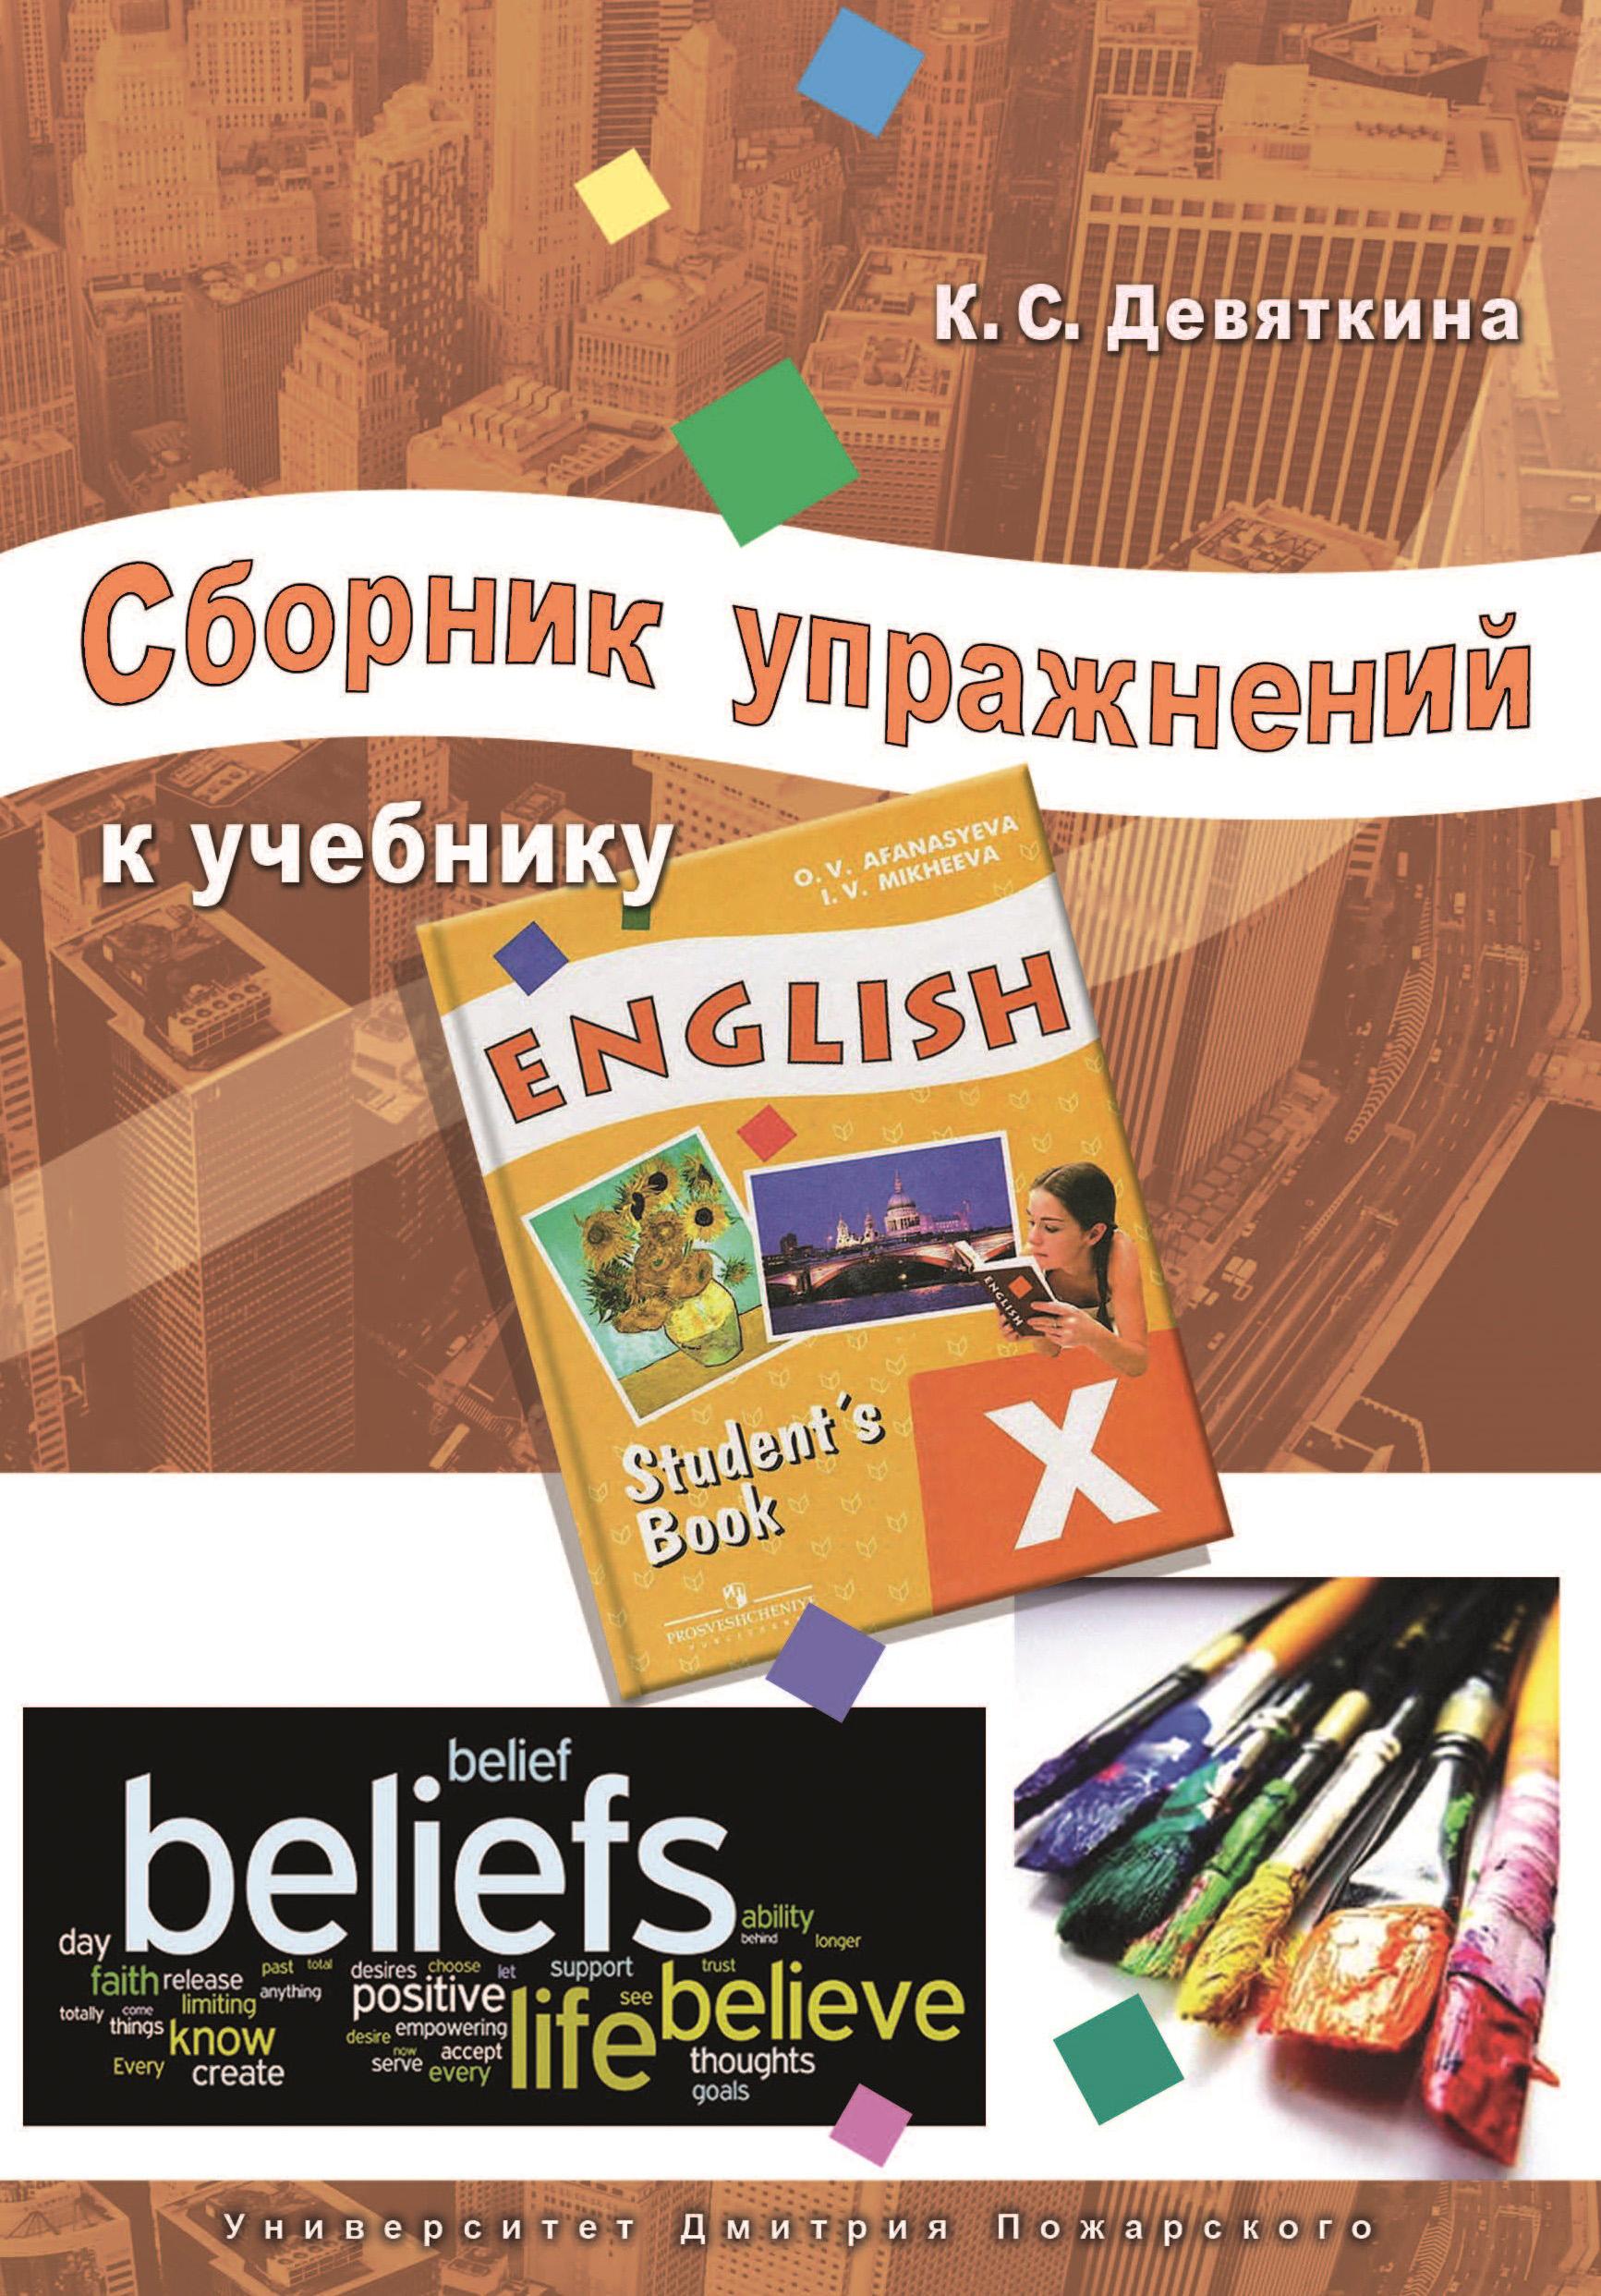 sbornik uprazhneniy k uchebniku english x pod red o v afanasevoy i i v mikheevoy